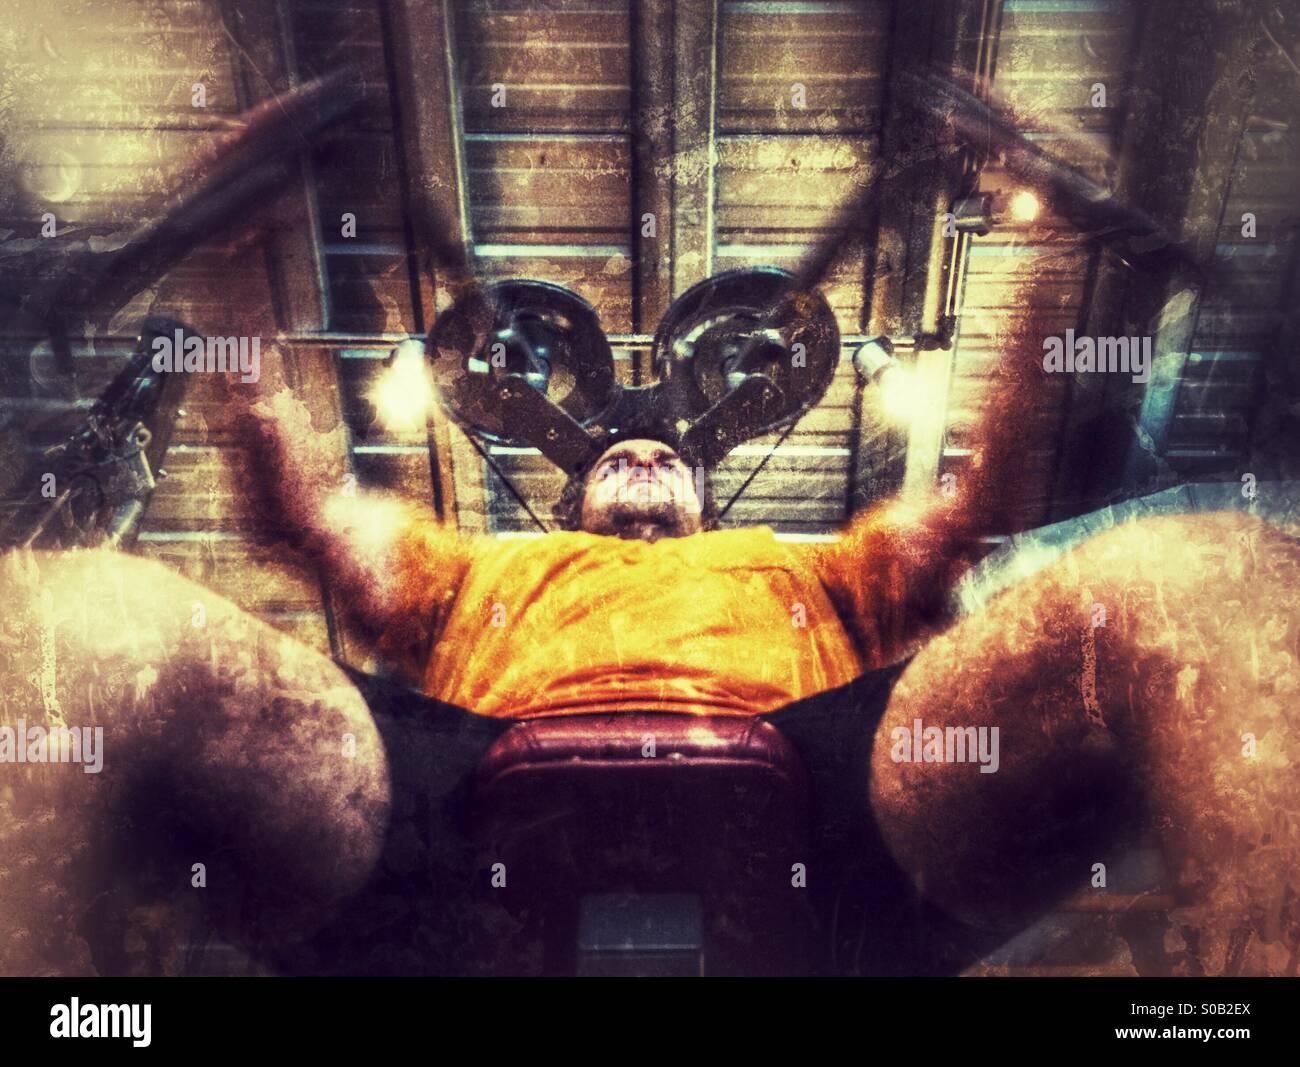 Caucásicos de mediana edad hombre trabajando sobre una mosca pectorales / máquina de mariposas en un gimnasio. Imagen De Stock